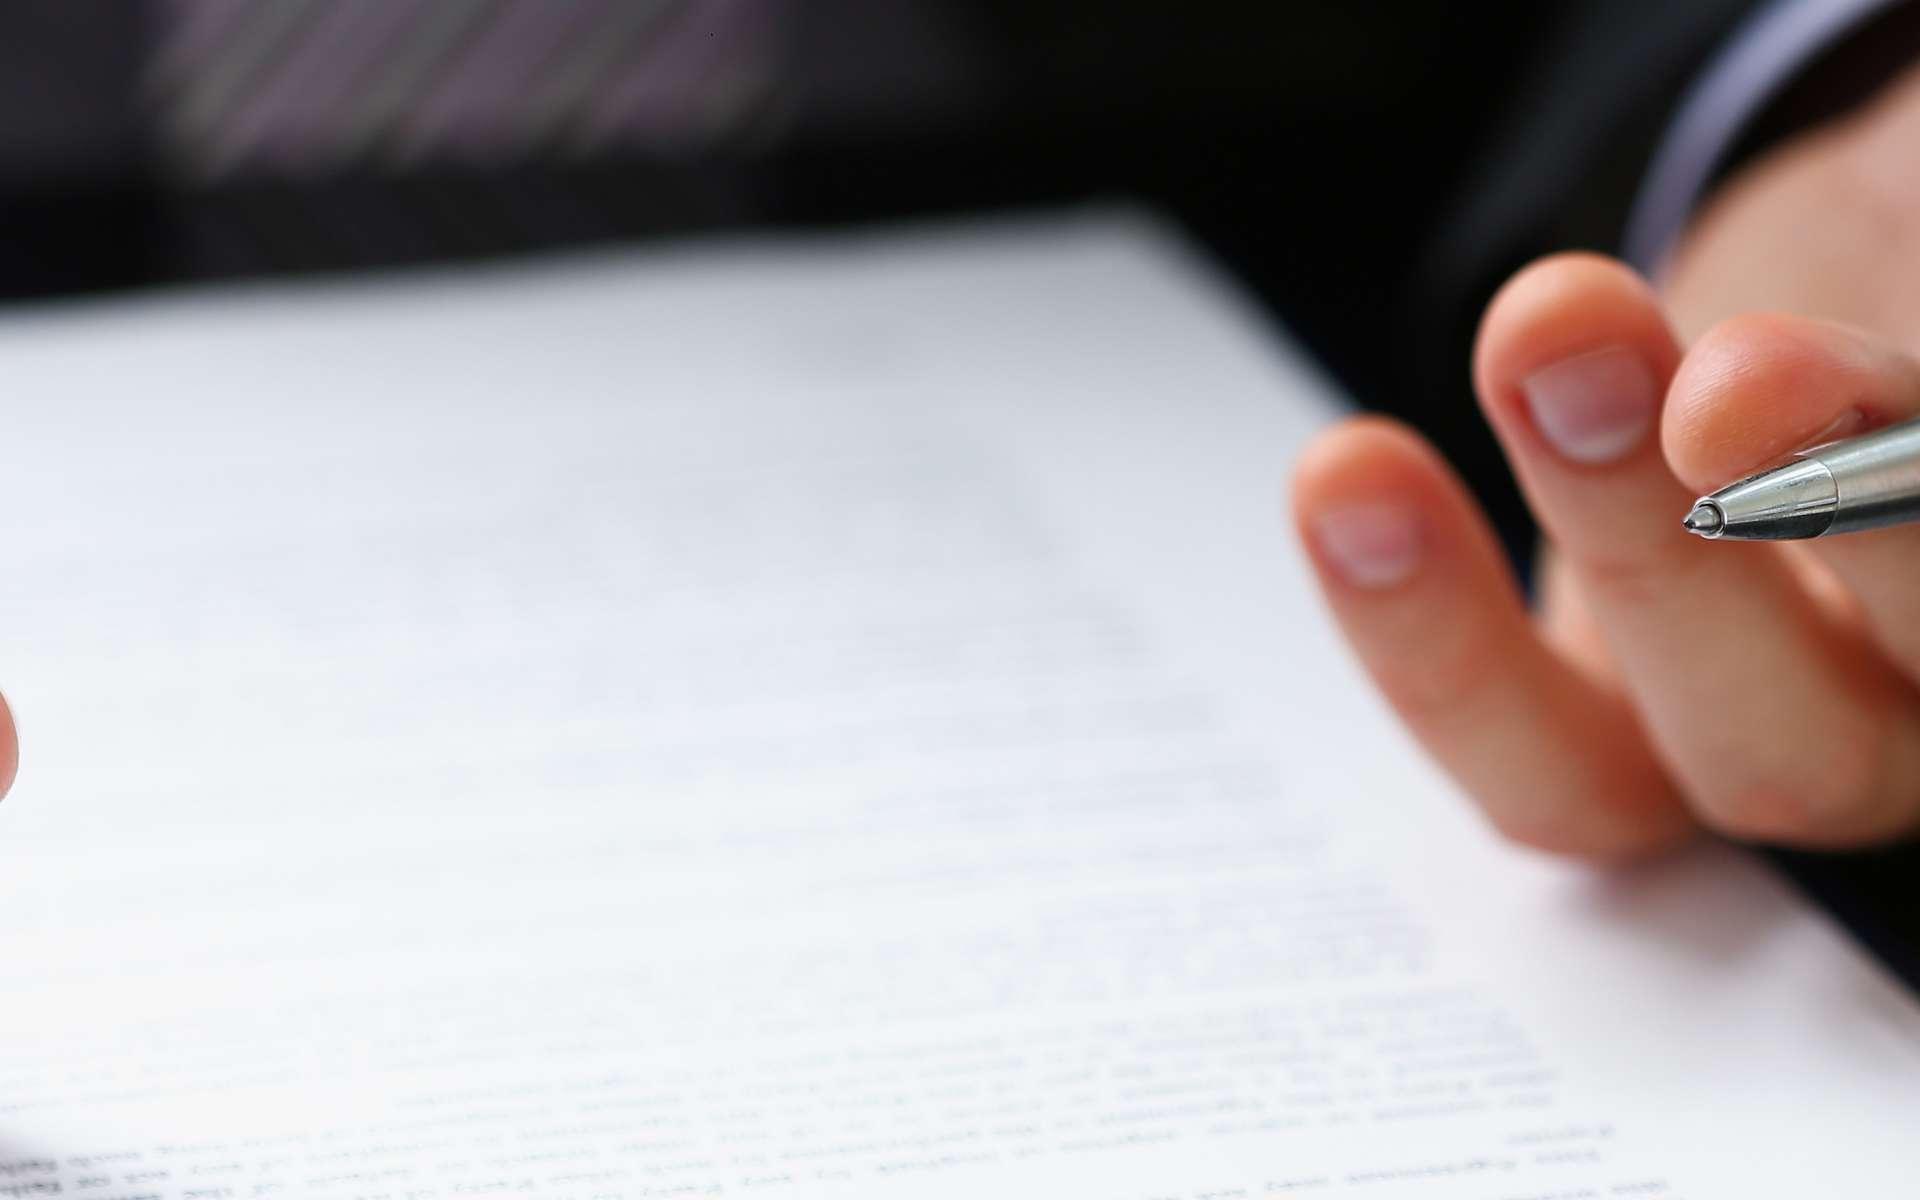 La lettre de motivation, un passage obligé pour l'étape suivante de recrutement, l'entretien d'embauche. © Анна Купревич, AdobeStock